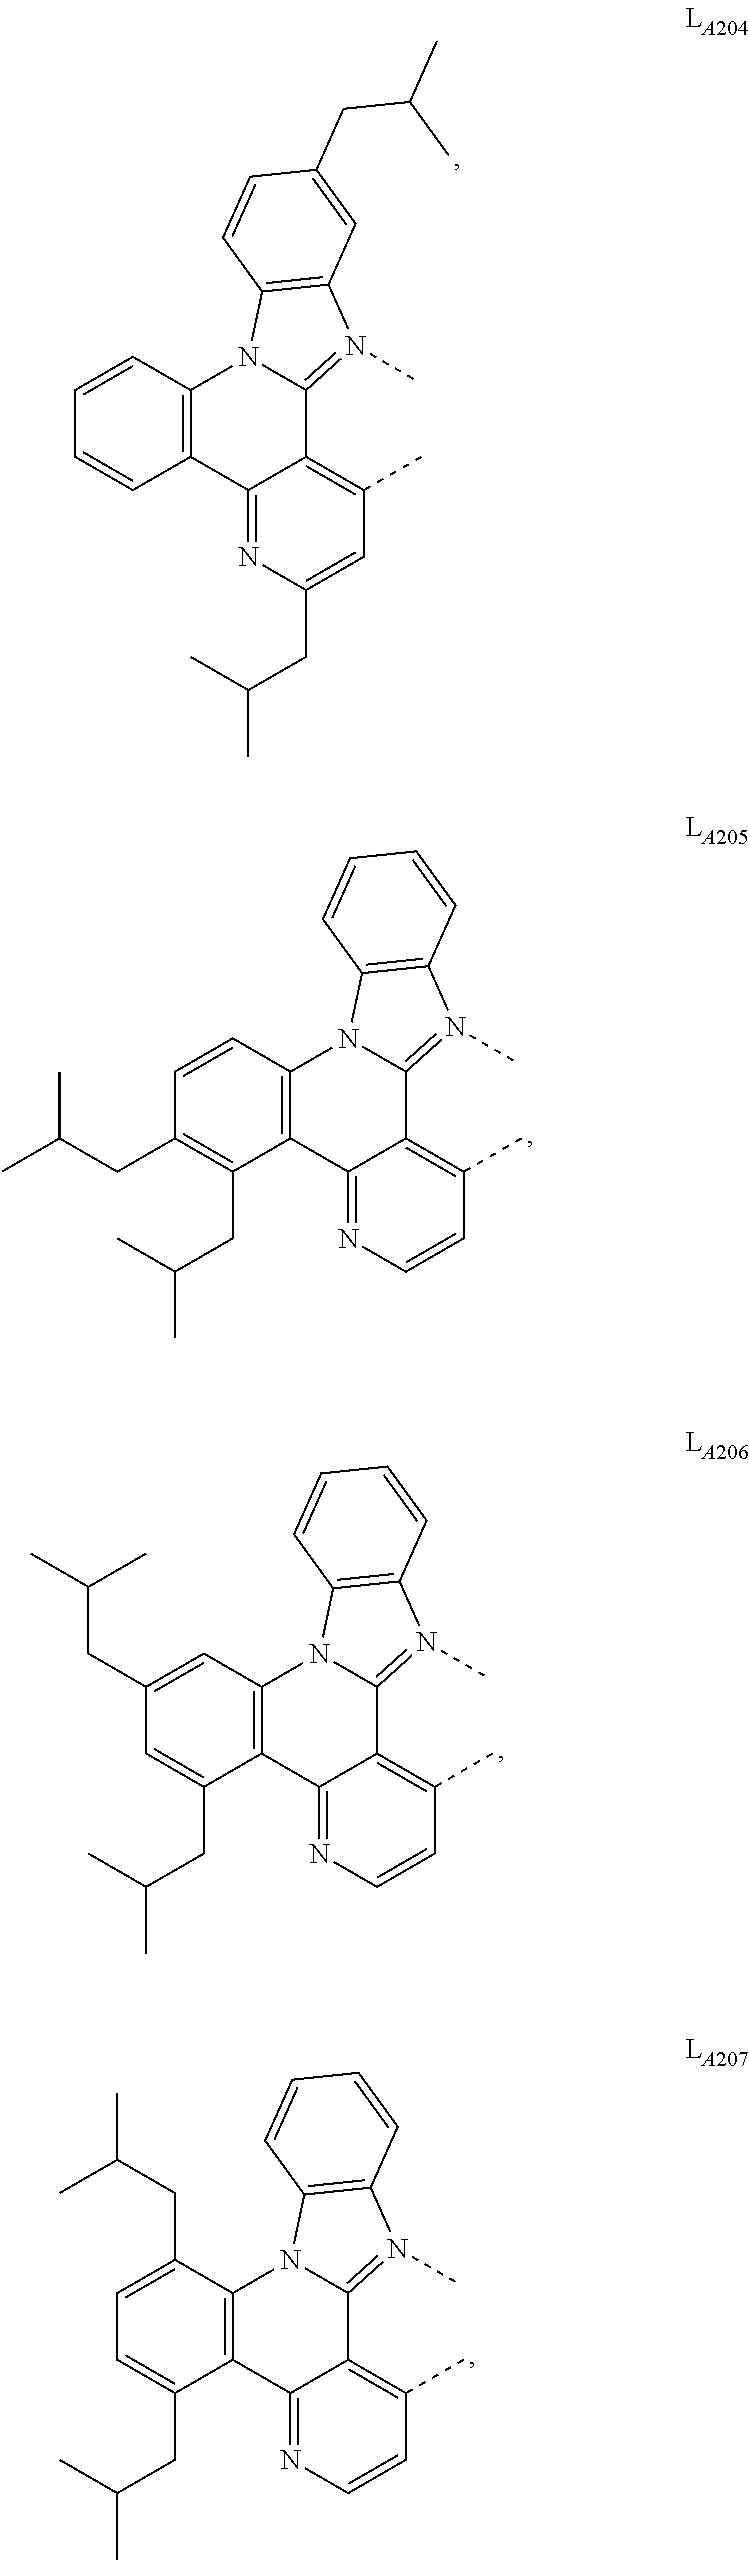 Figure US09905785-20180227-C00072